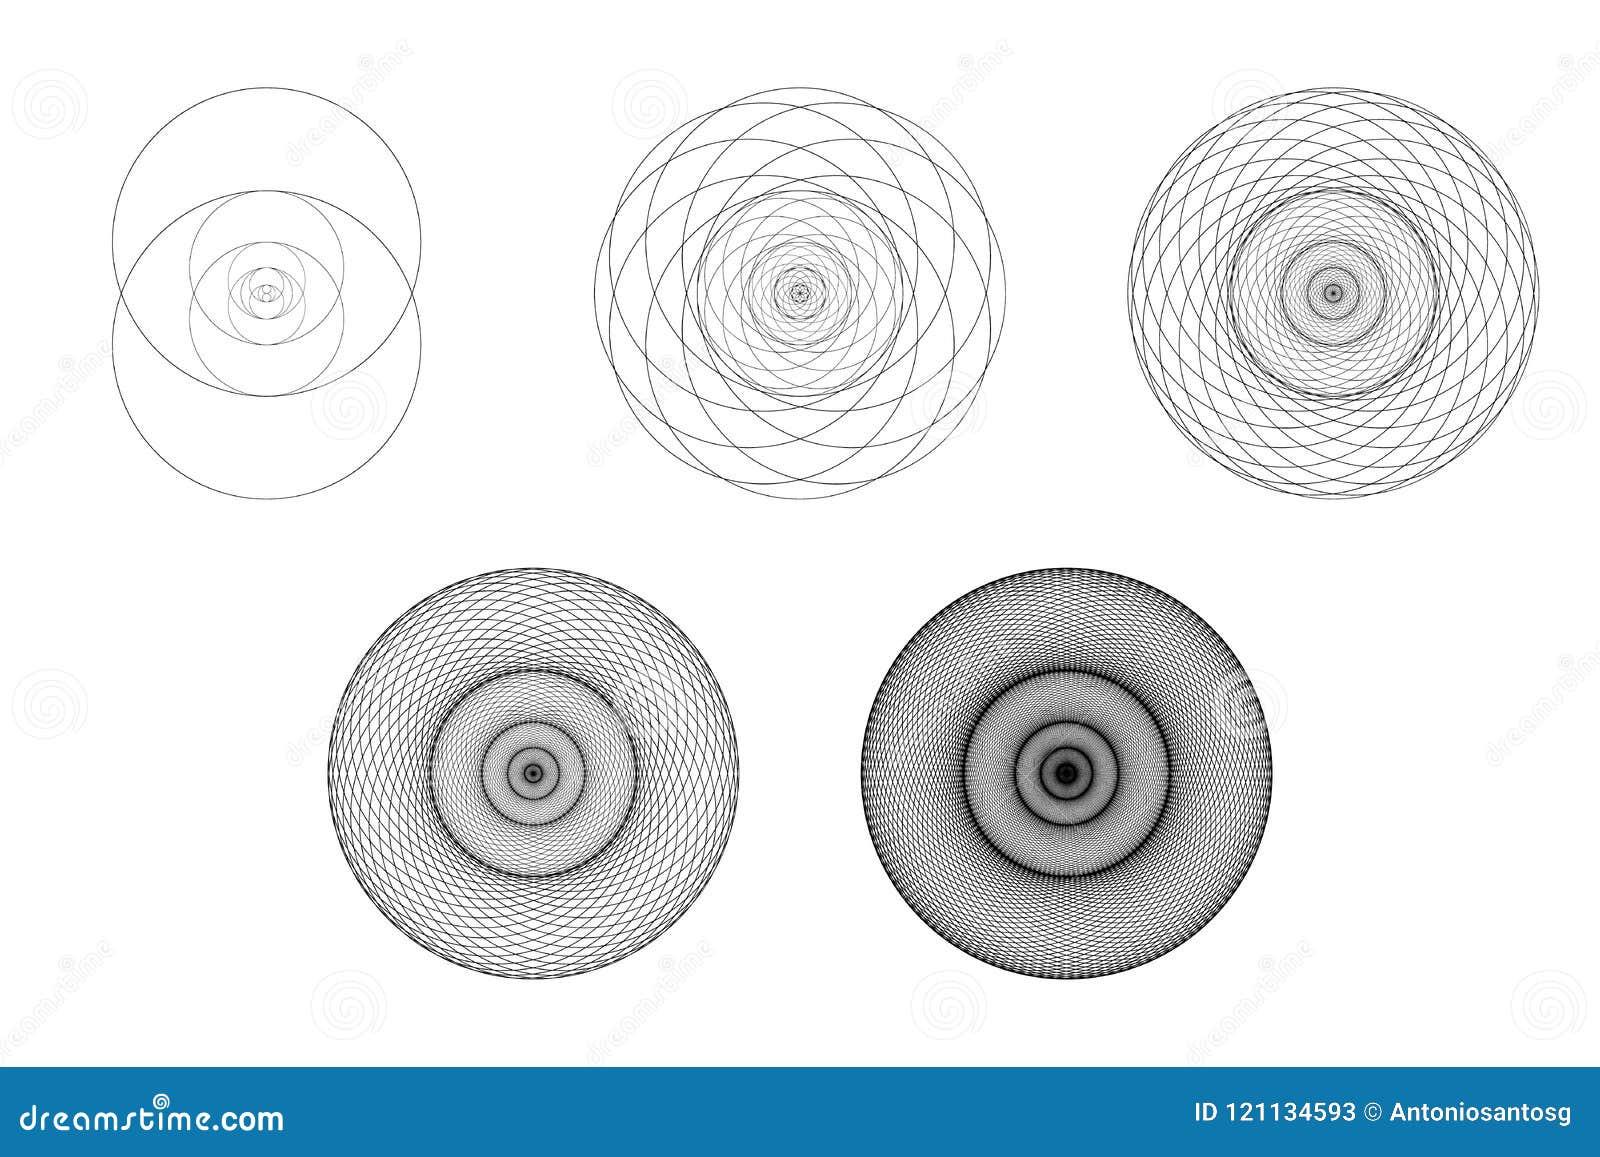 Σύνολο γεωμετρικών στοιχείων και μορφών Ιερές Vesica γεωμετρίας ανάπτυξη και εξέλιξη Piscis